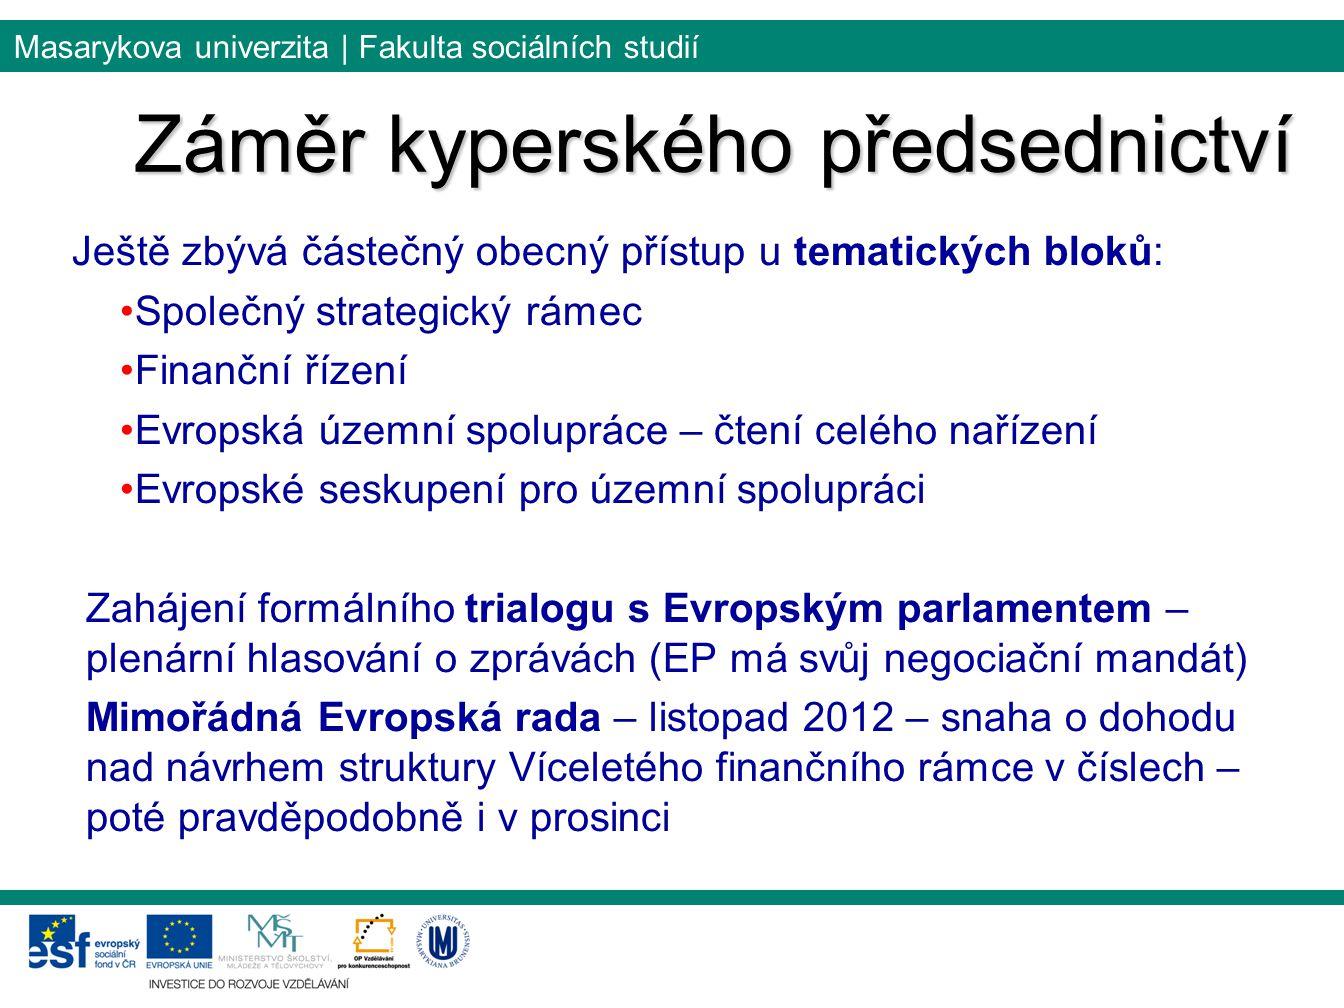 Masarykova univerzita | Fakulta sociálních studií Ještě zbývá částečný obecný přístup u tematických bloků: Společný strategický rámec Finanční řízení Evropská územní spolupráce – čtení celého nařízení Evropské seskupení pro územní spolupráci Zahájení formálního trialogu s Evropským parlamentem – plenární hlasování o zprávách (EP má svůj negociační mandát) Mimořádná Evropská rada – listopad 2012 – snaha o dohodu nad návrhem struktury Víceletého finančního rámce v číslech – poté pravděpodobně i v prosinci Záměr kyperského předsednictví